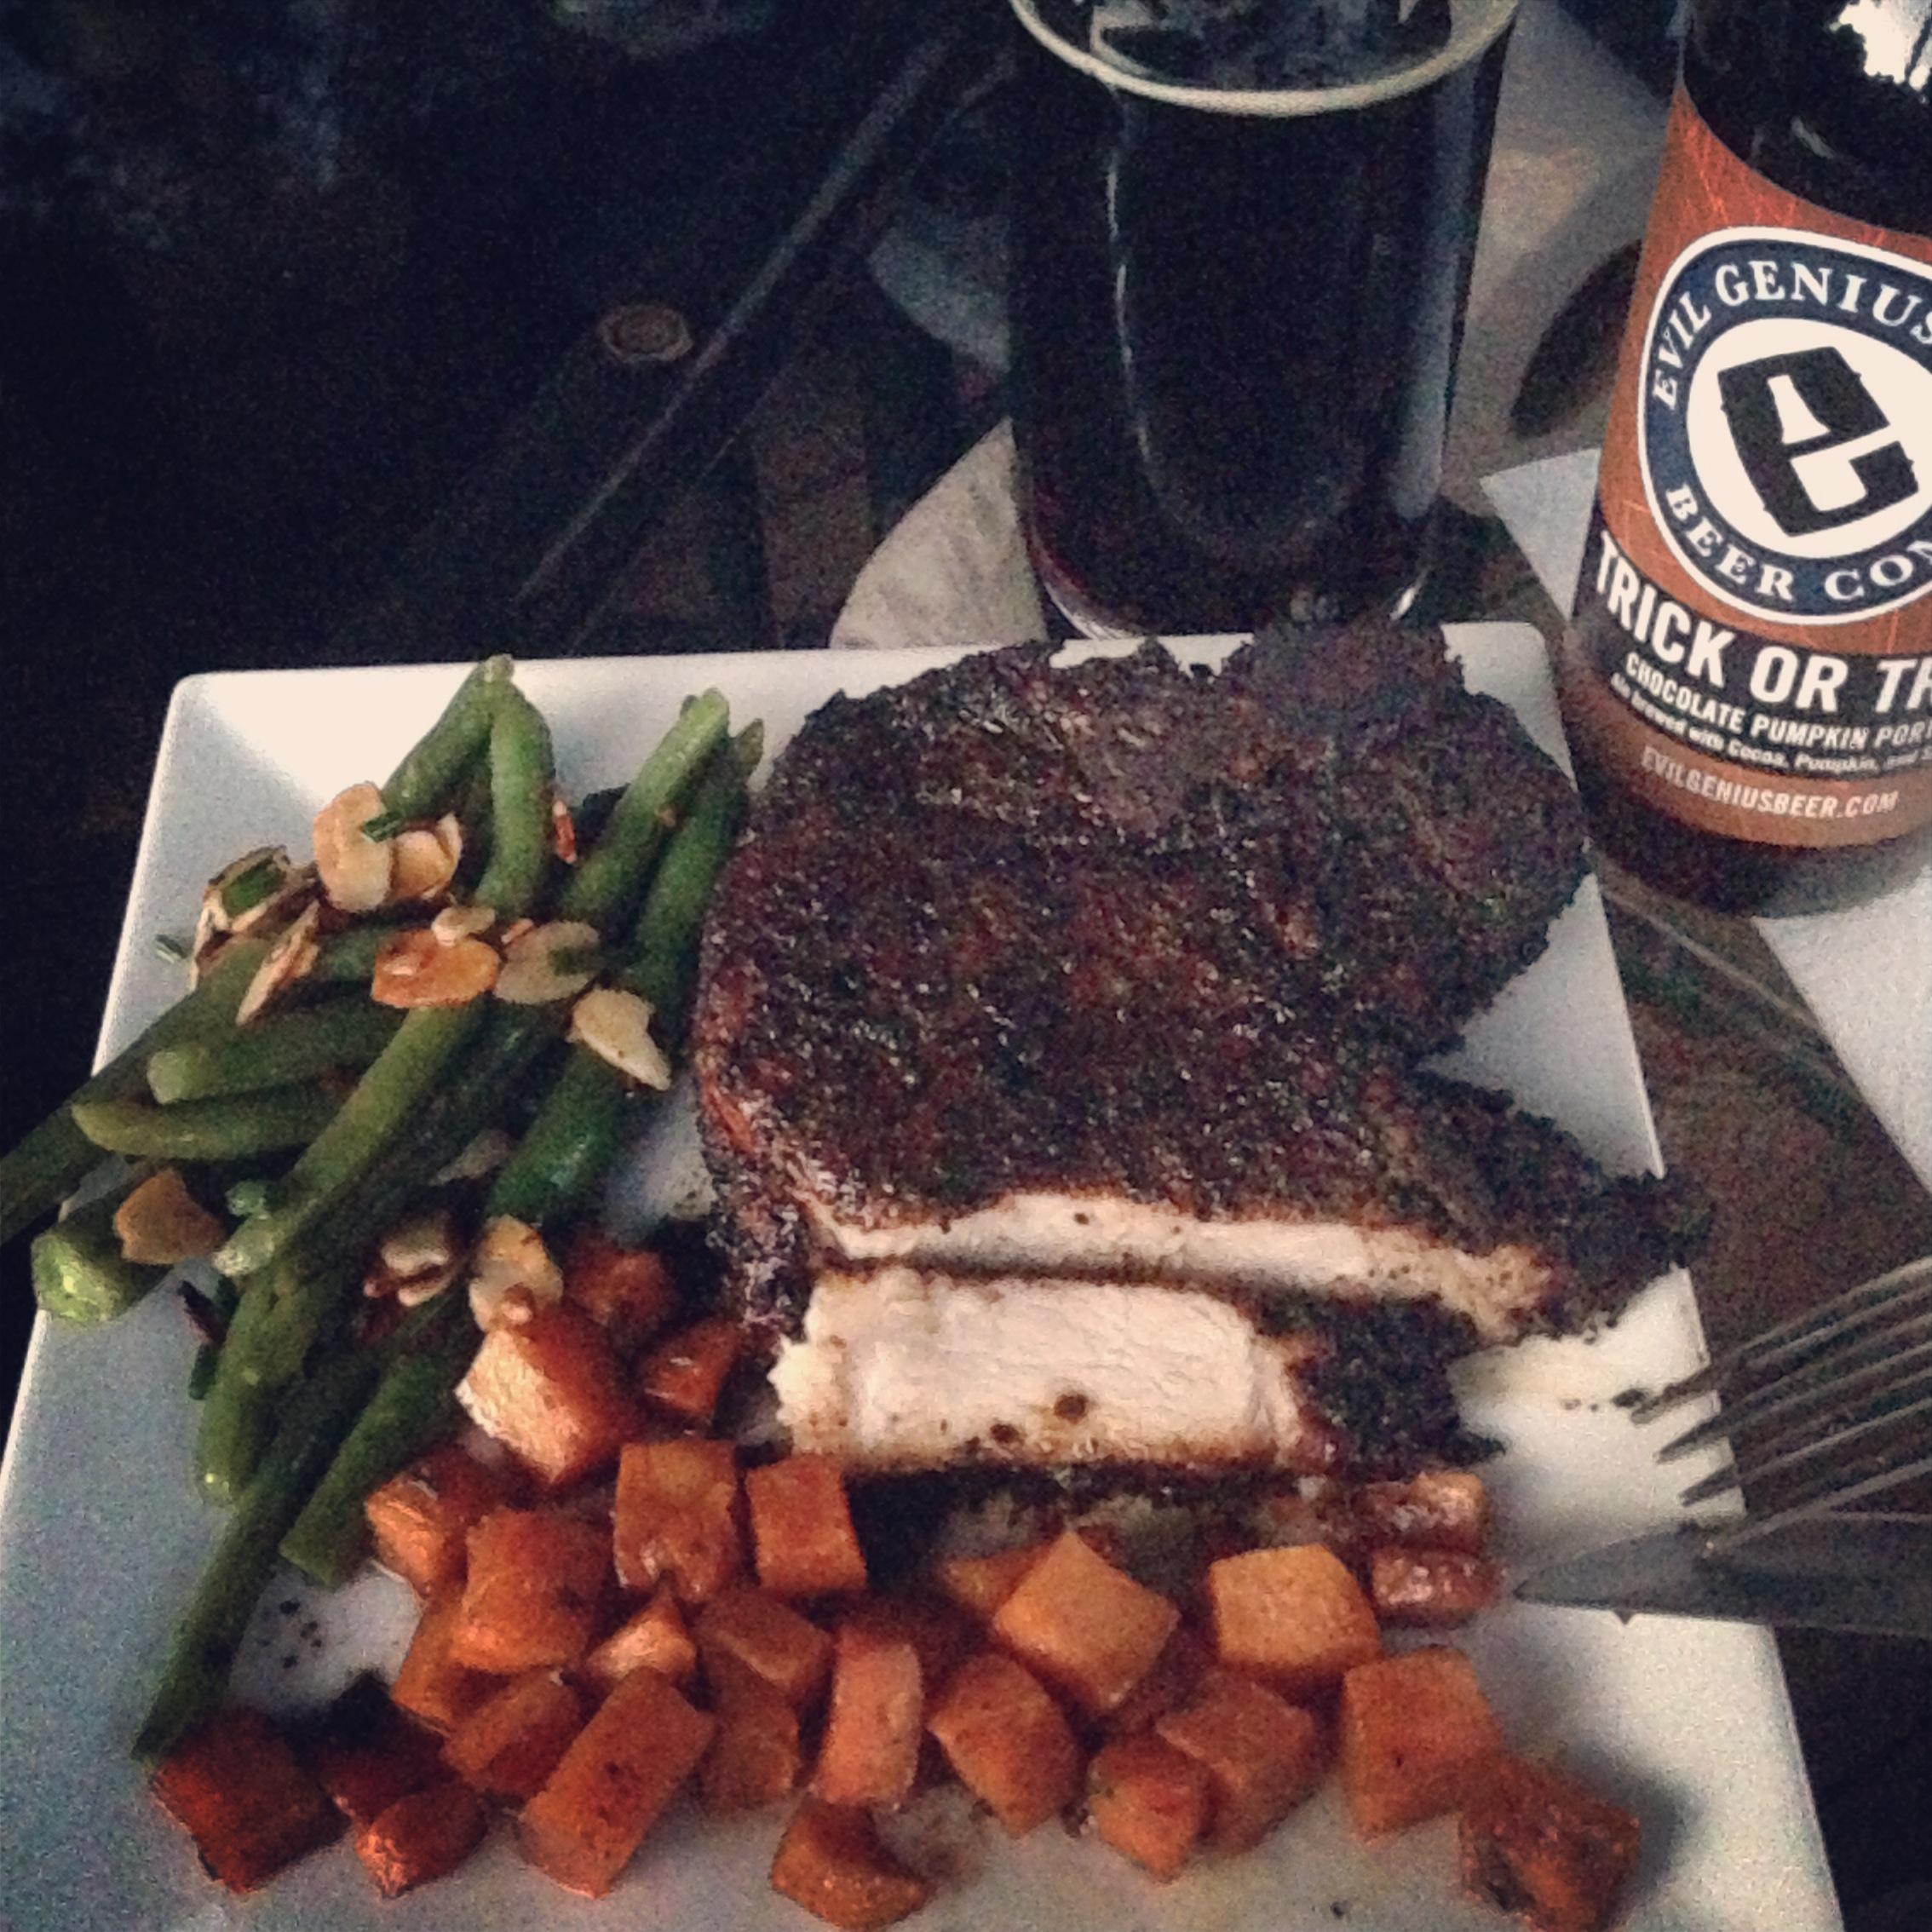 Coffee-rubbed Porterhouse Steak